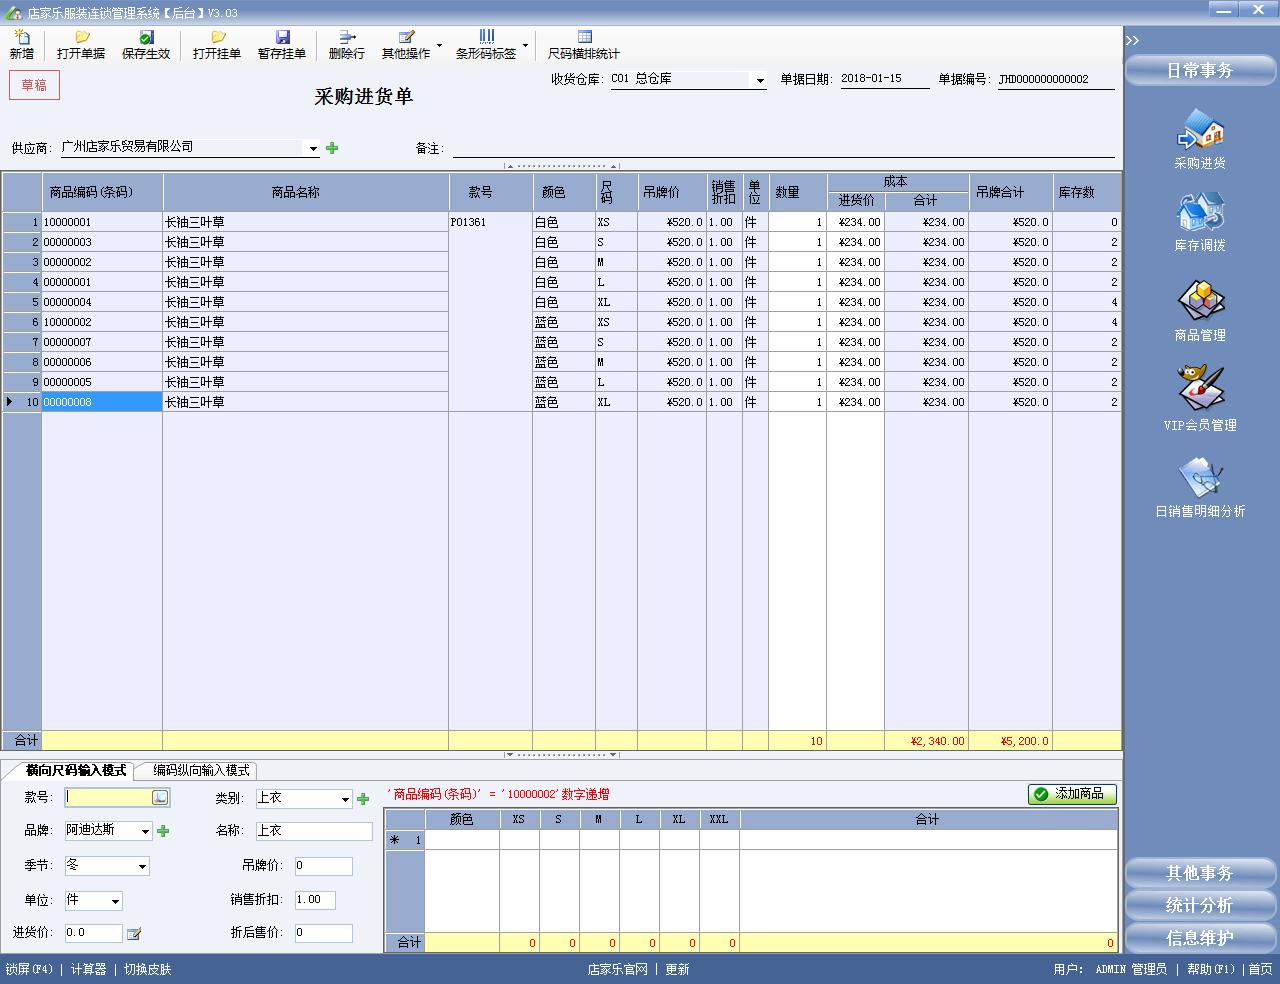 店家乐服装连锁管理软件网络版